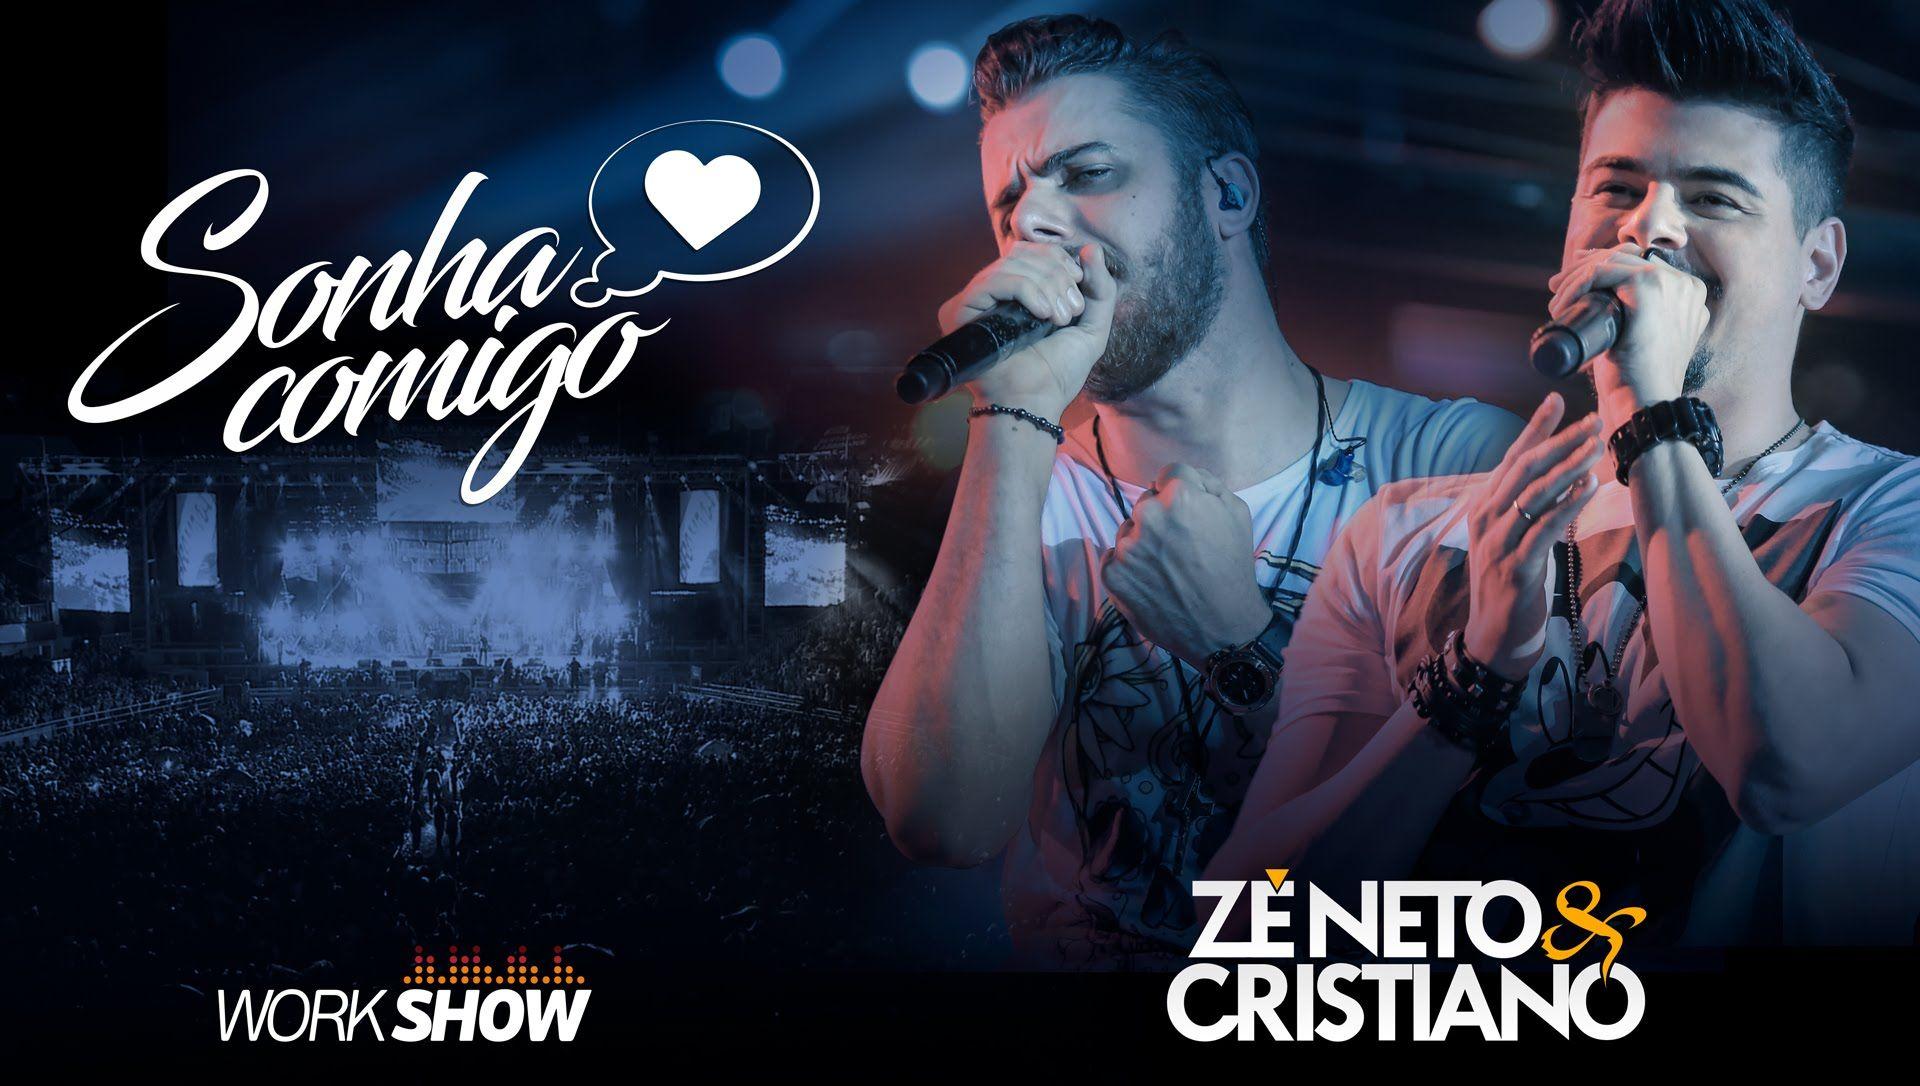 Zé Neto e Cristiano - Sonha Comigo - #ZeNetoeCristianoSonhaComigo - Grav...